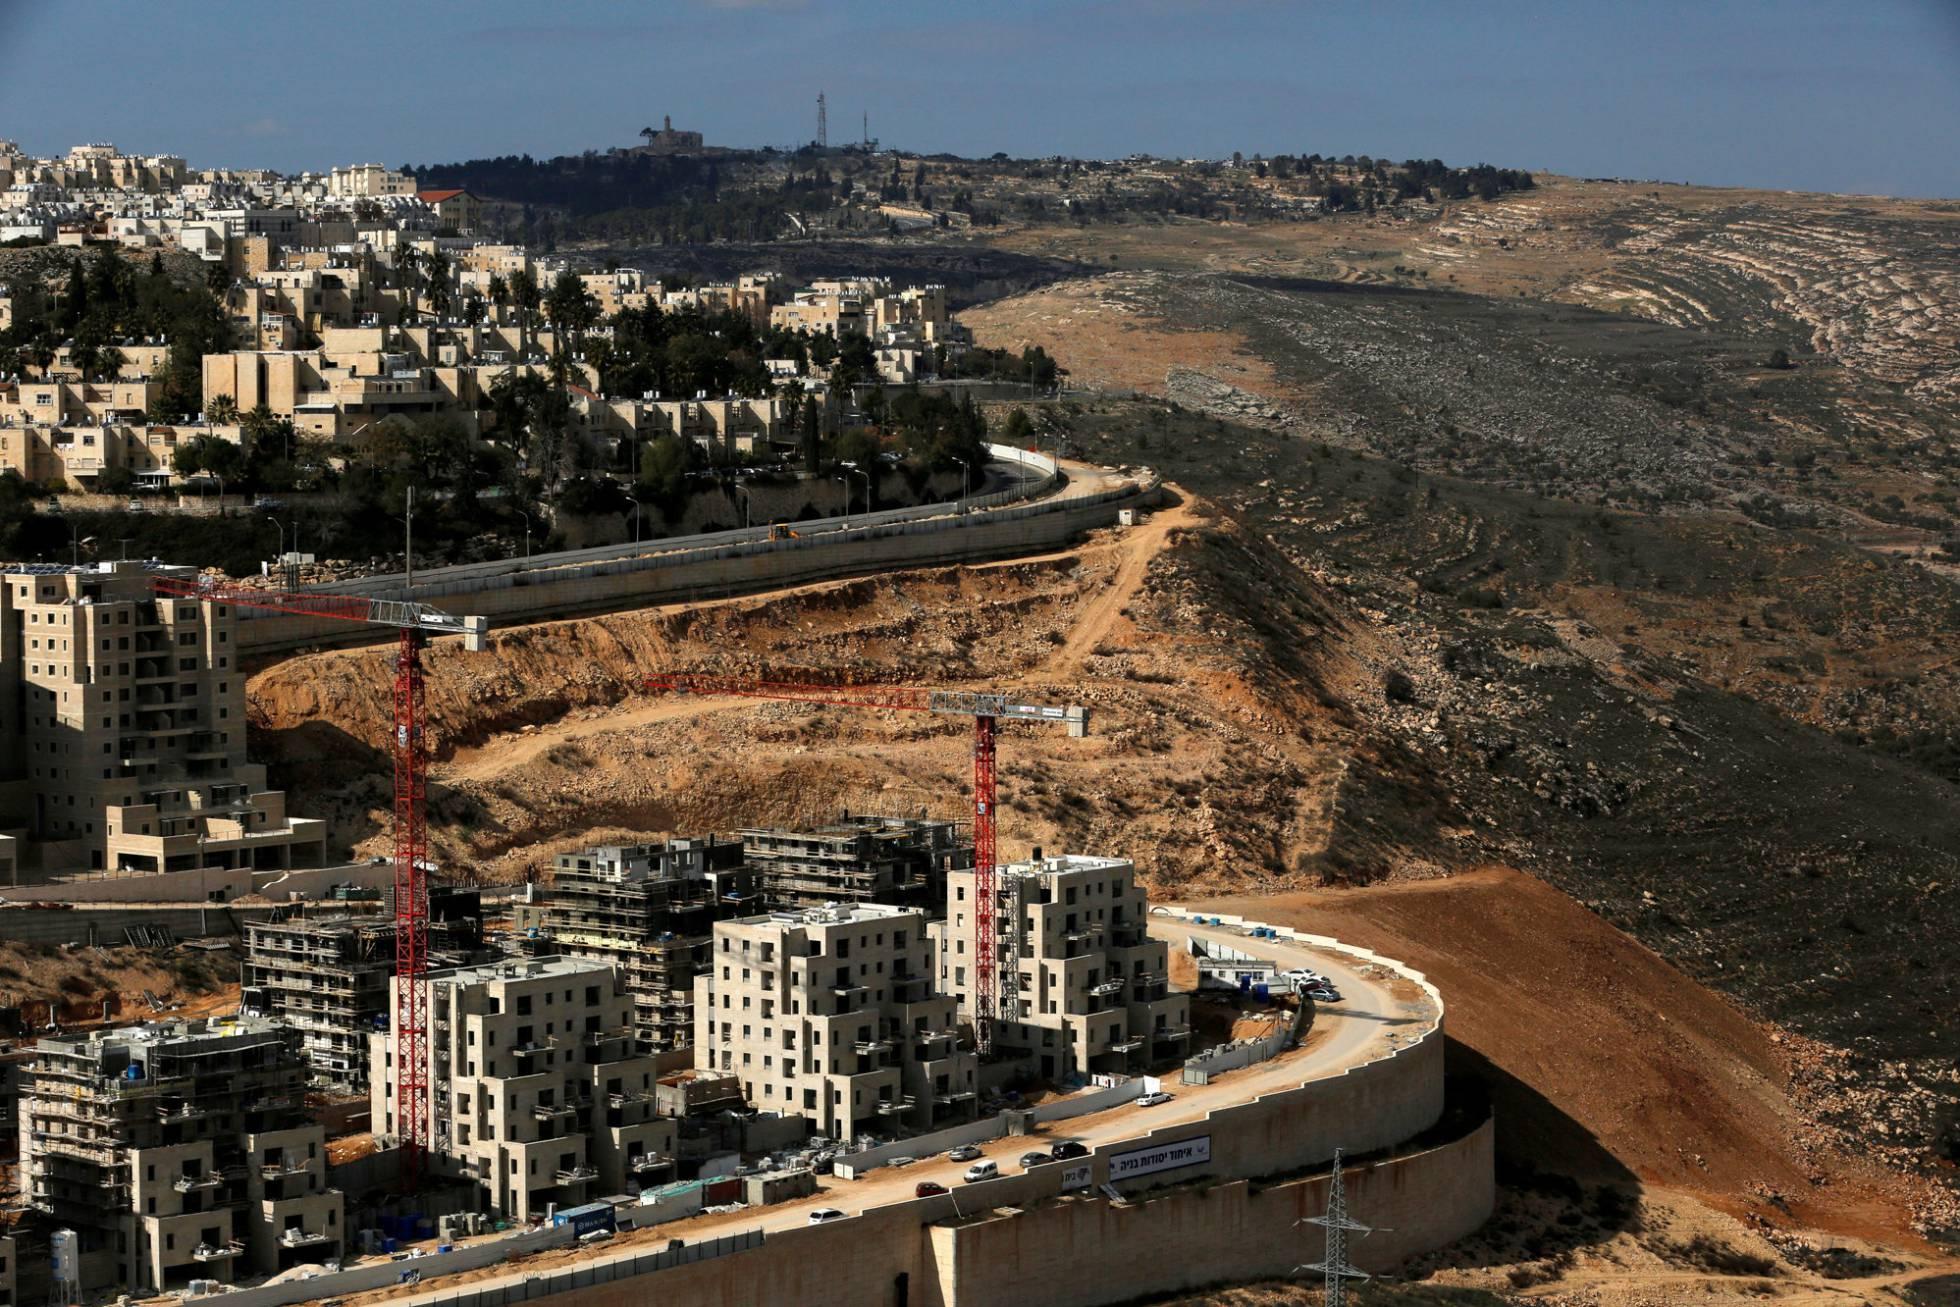 Conflicto Israel-Palestina - Página 29 1485090078_349031_1485090259_noticia_normal_recorte1